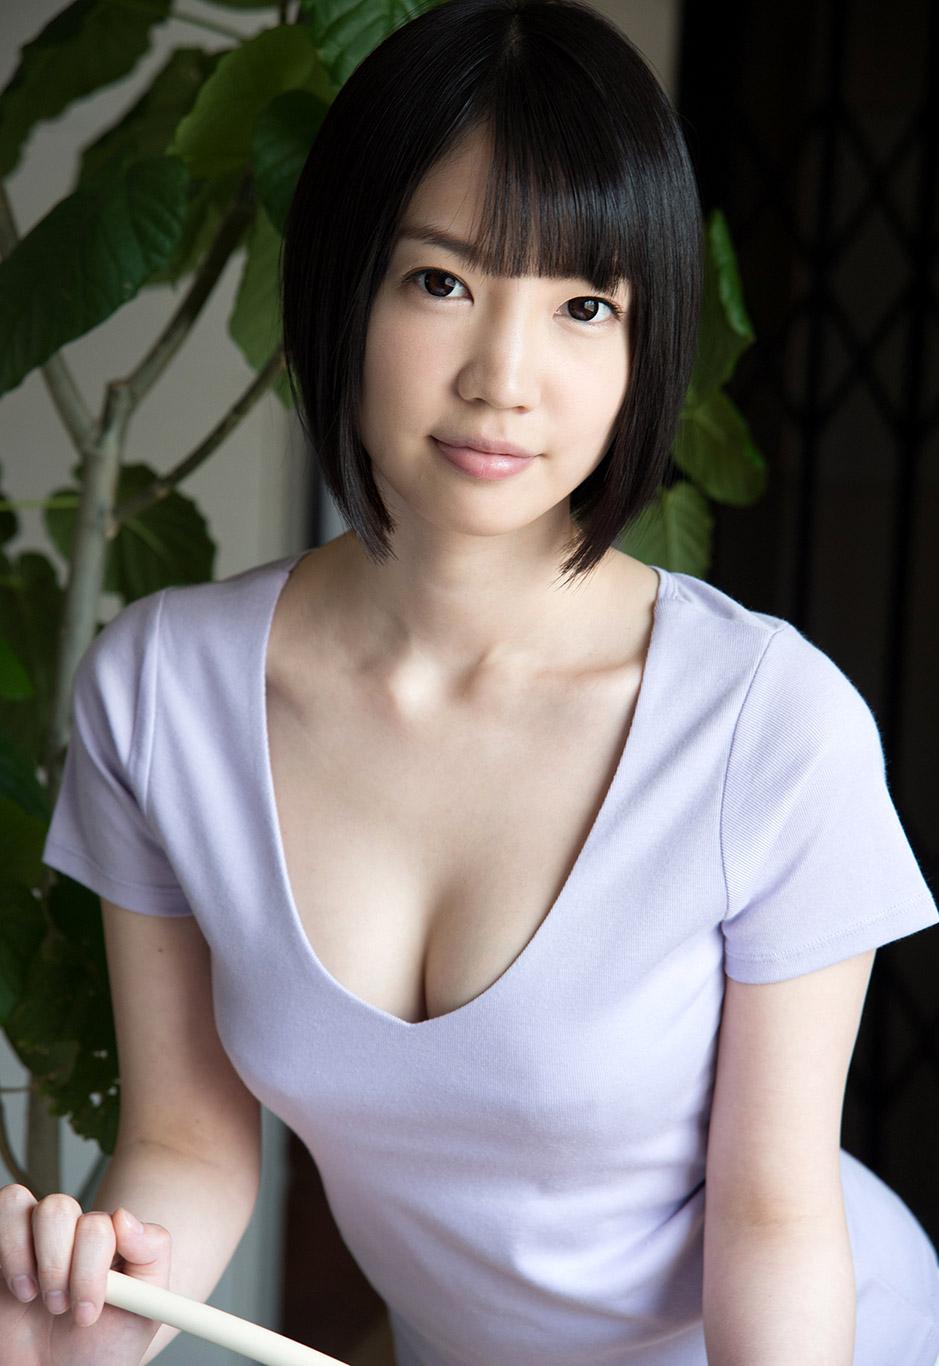 Suzuki koharu